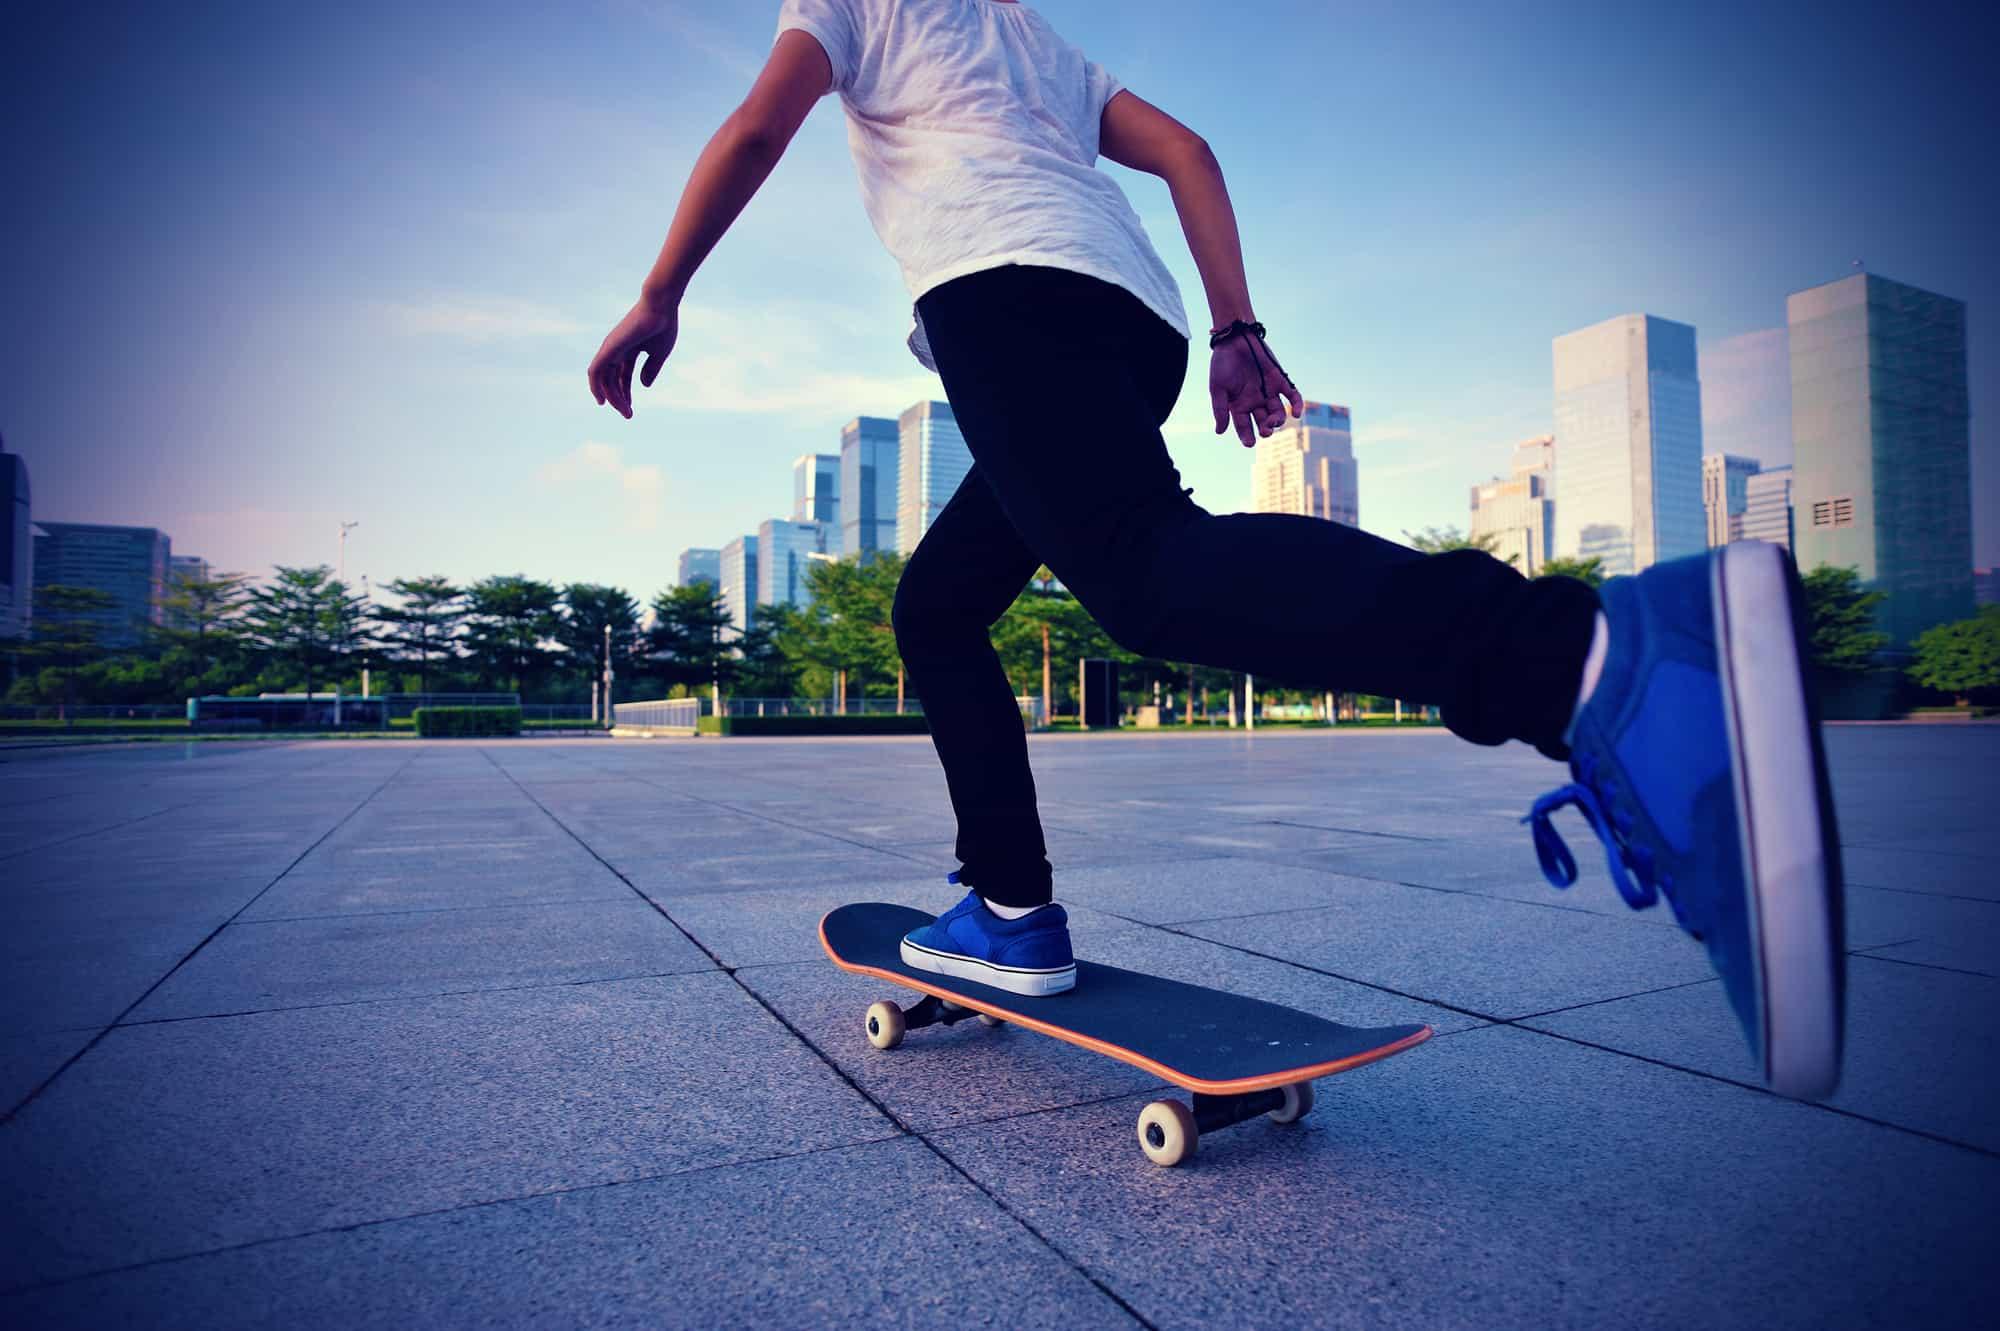 is skateboarding good exercise